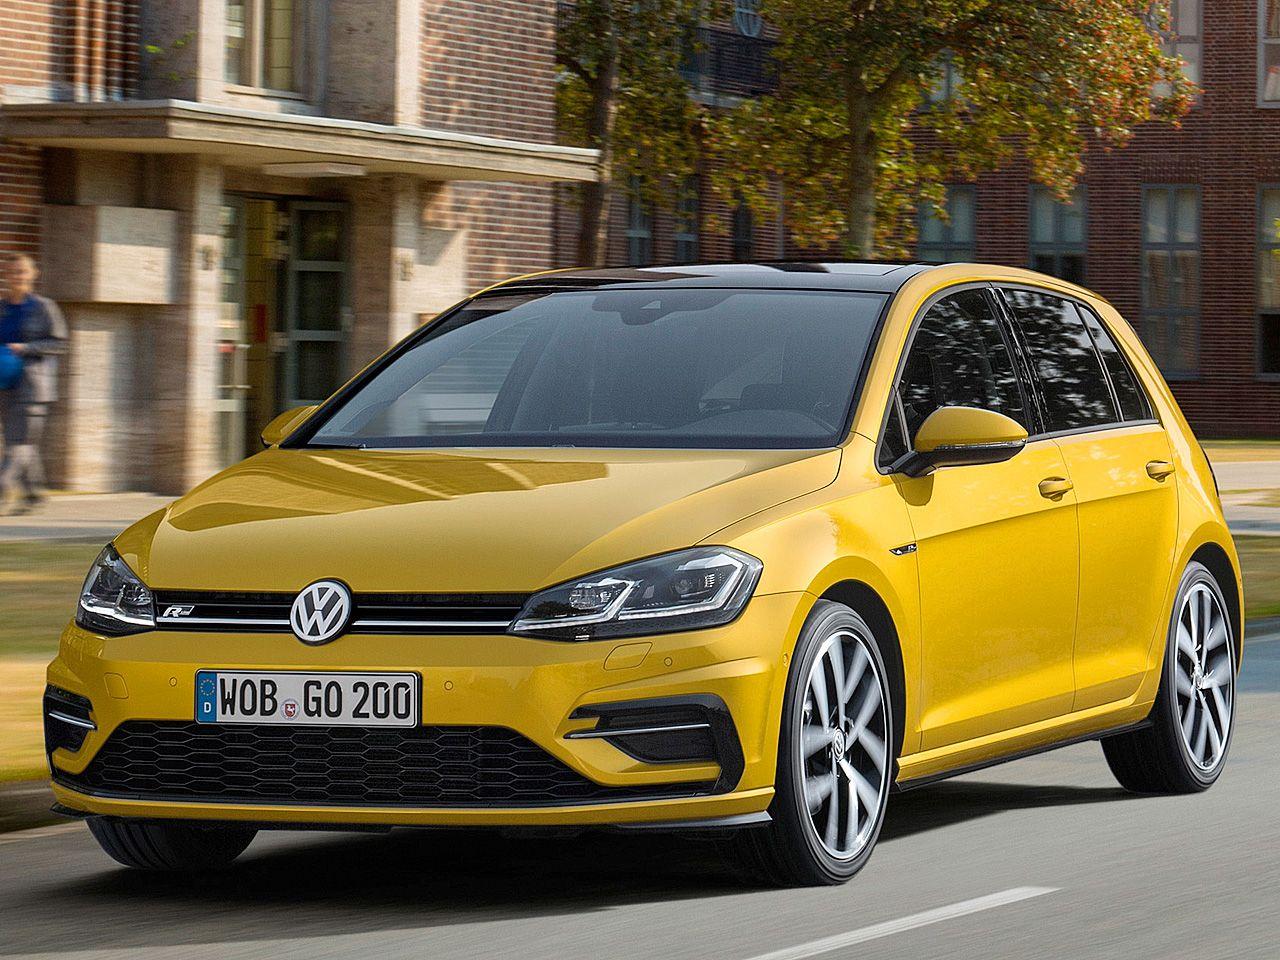 Vw Golf 7 Facelift 2017 Technische Daten Preis Volkswagen Vw Golf 7 Und Volkswagen Golf